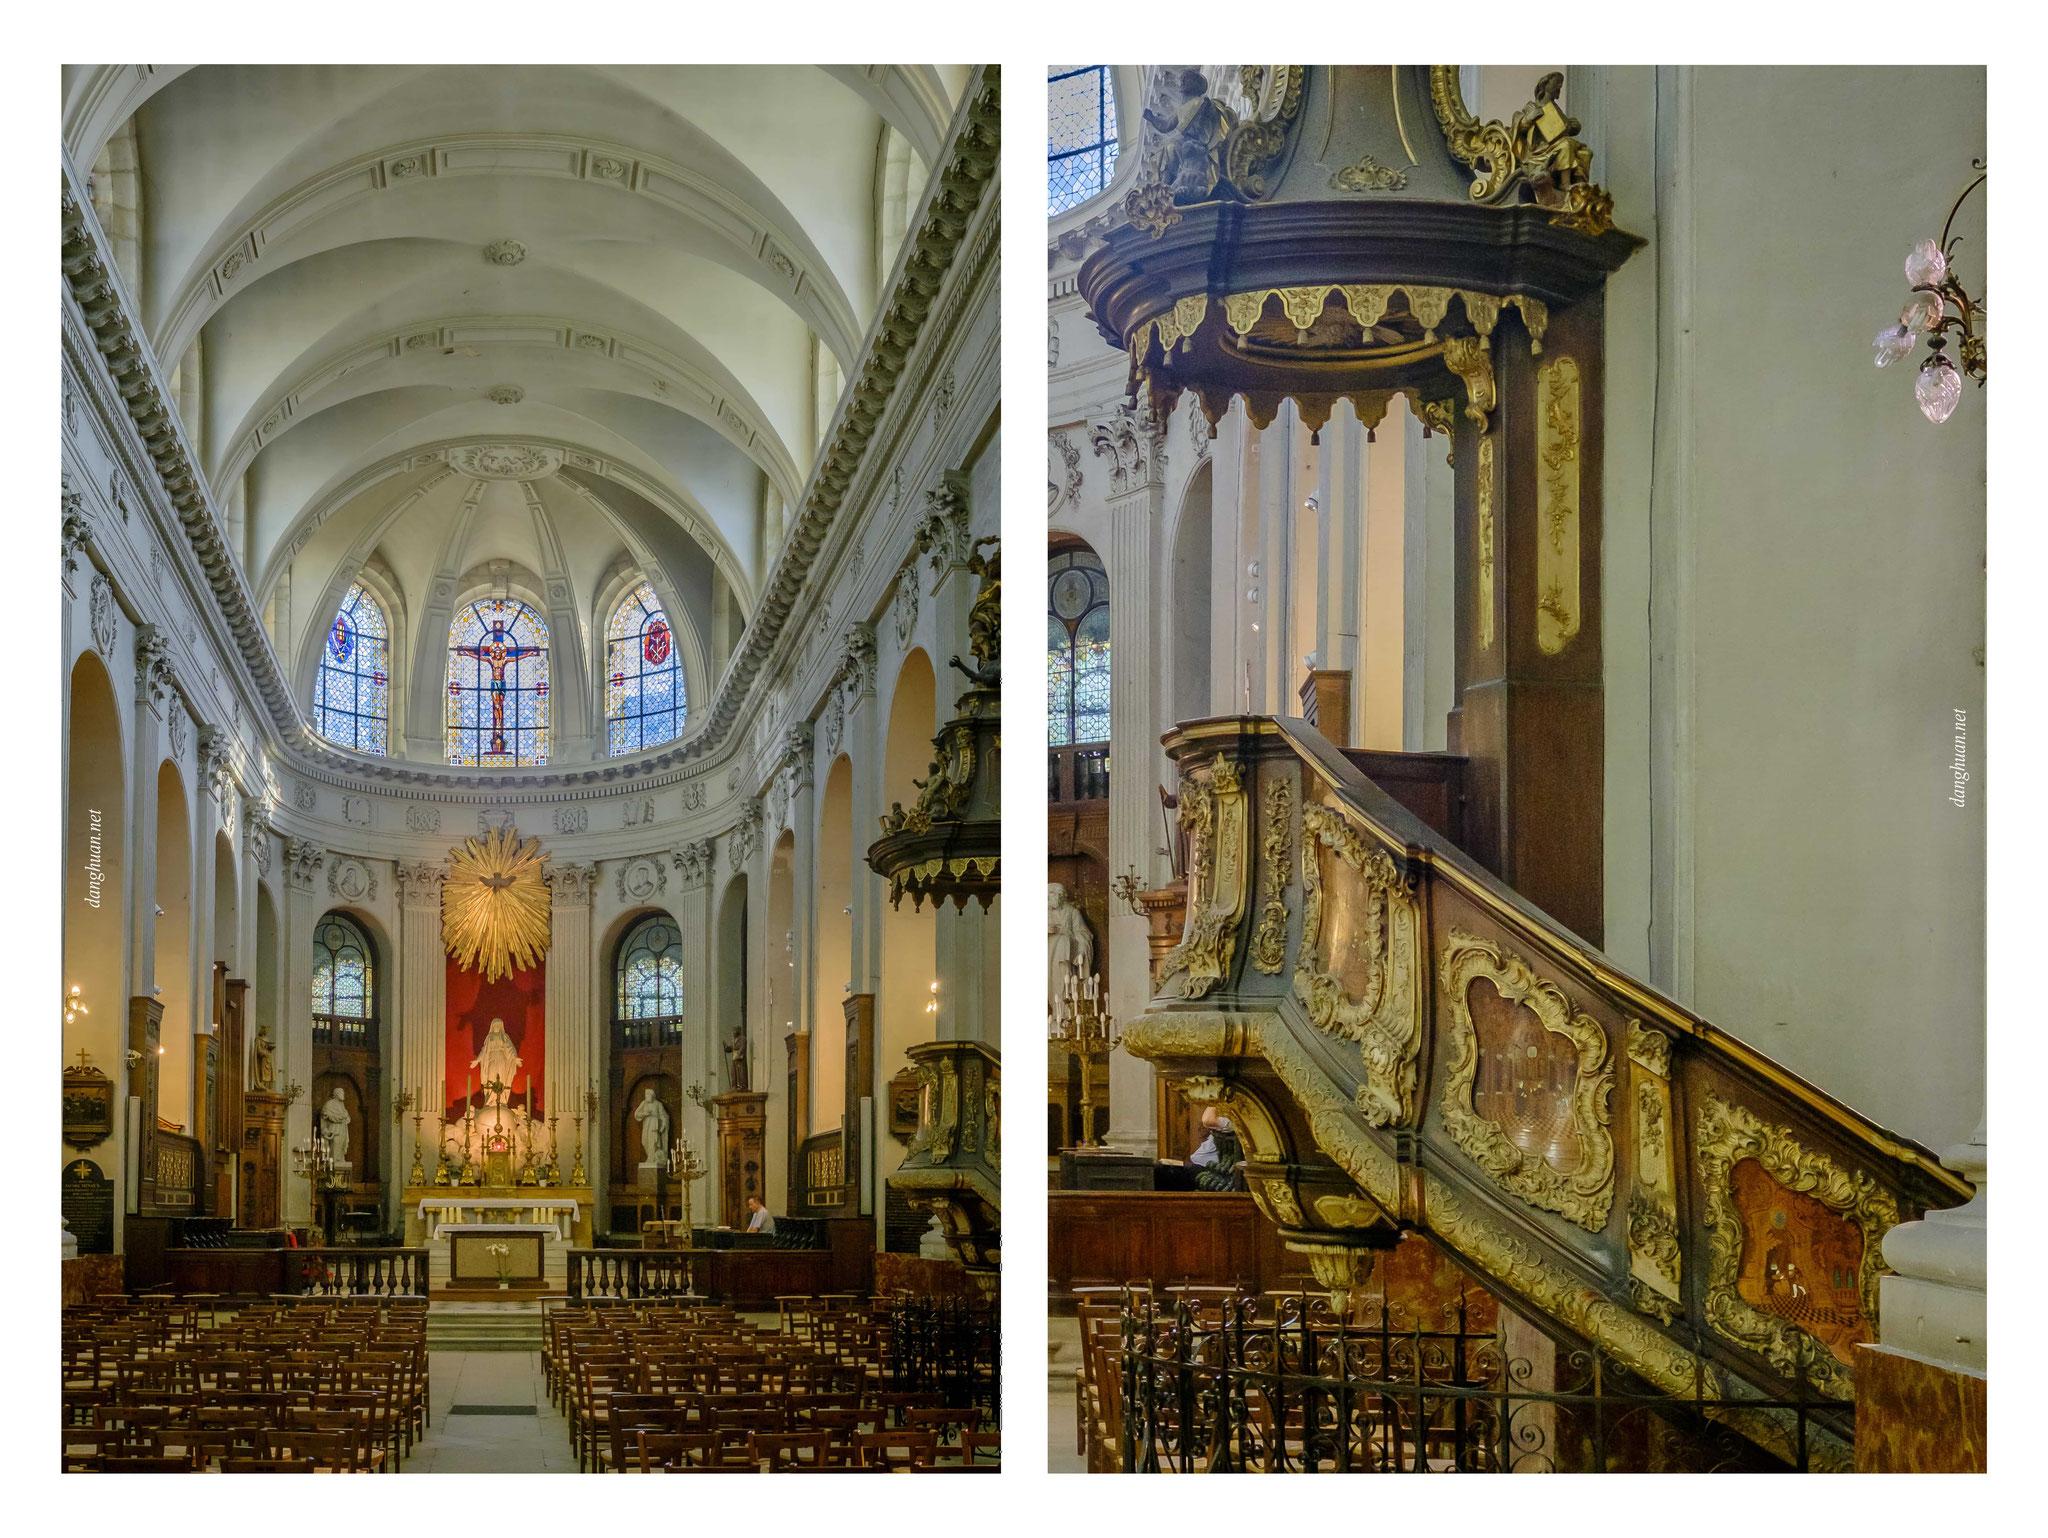 Notre-Dame-des-Blancs-Manteaux avec sa magnifique chaire d'origine flamande datée de 1749, classée au patrimoine national